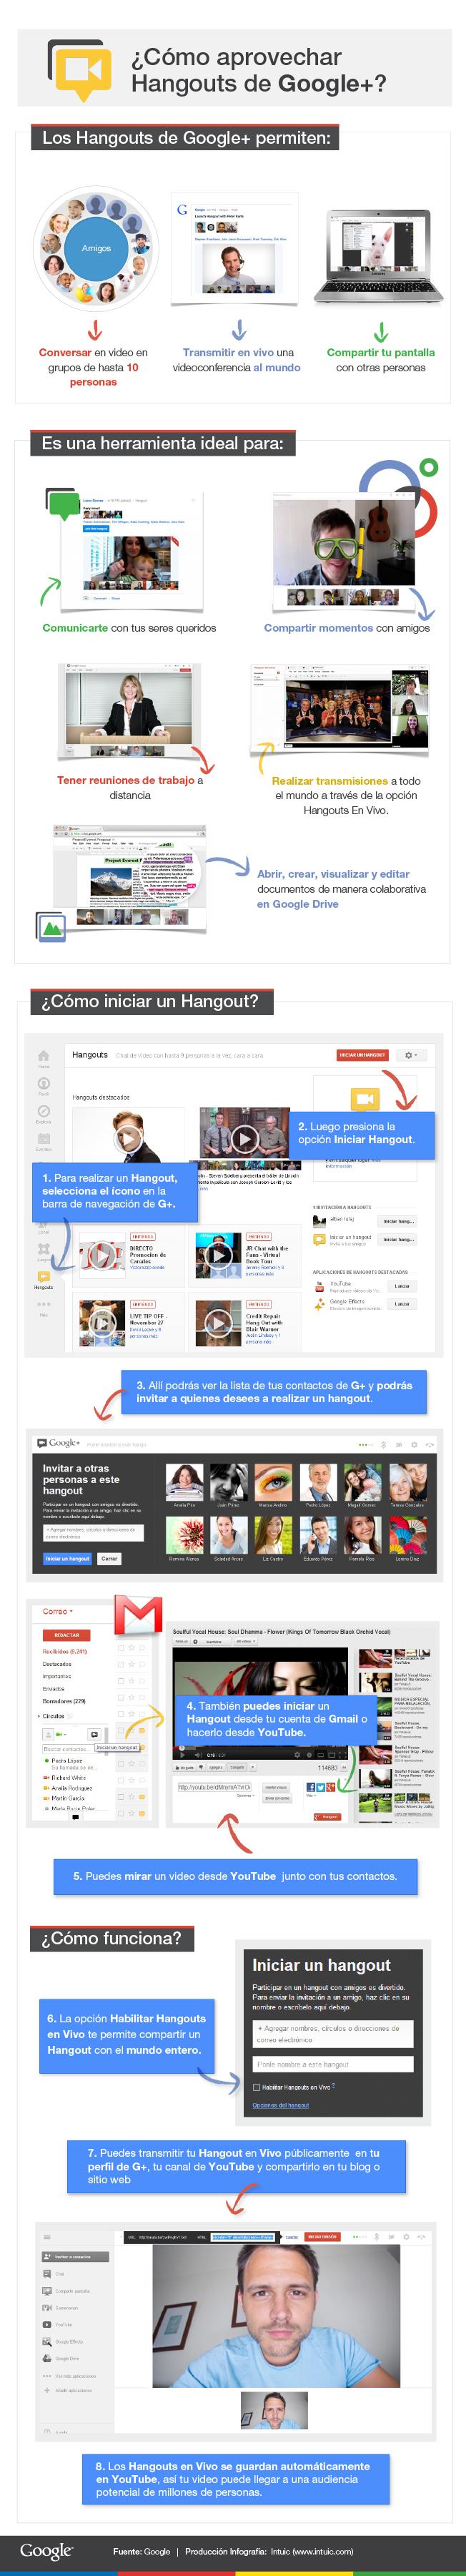 Cómo aprovechar los hangouts de Google +